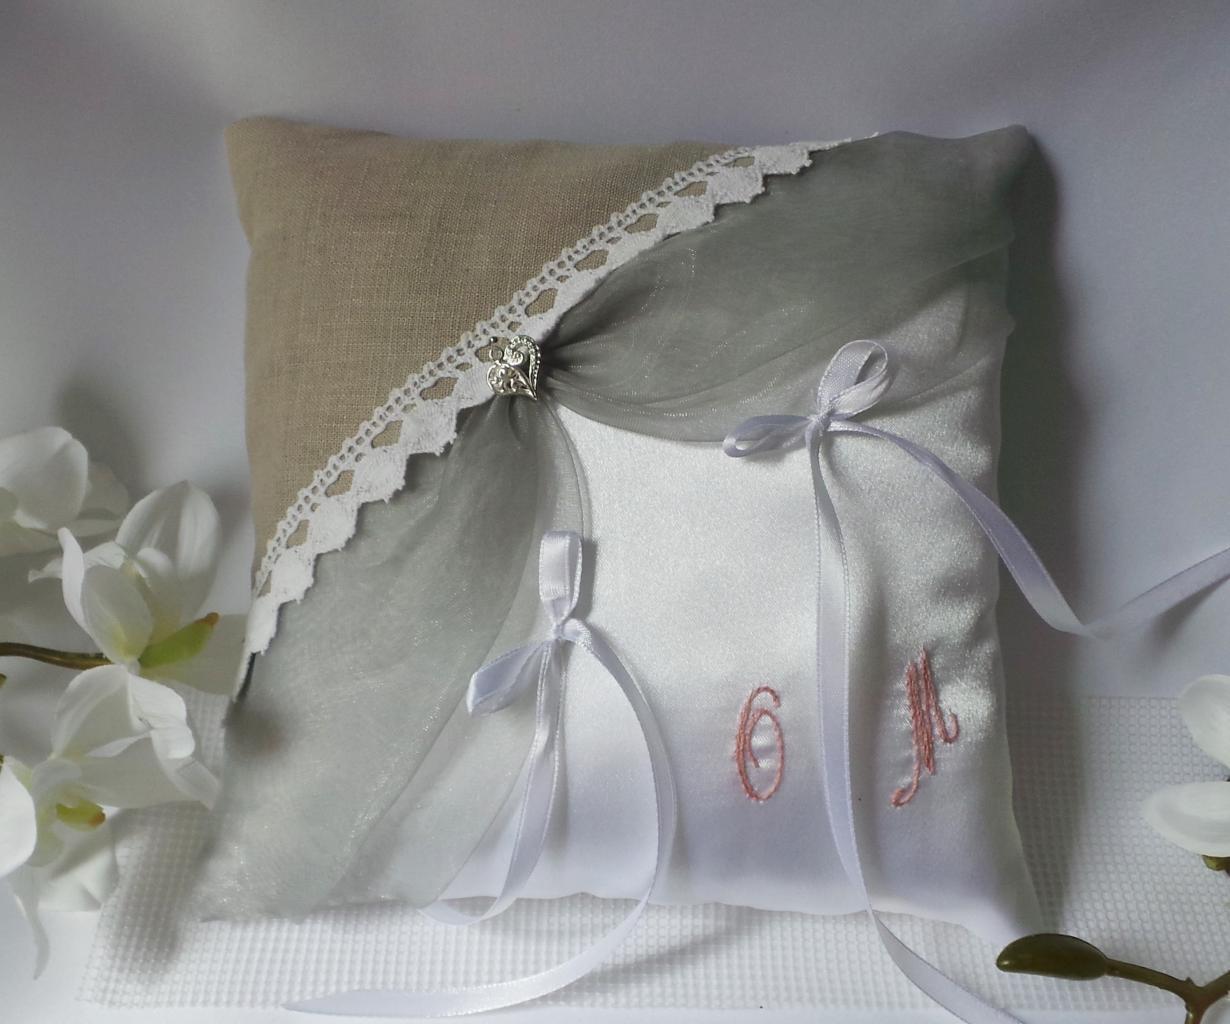 coussin alliances mariage romantique bohème lin dentelle(94)